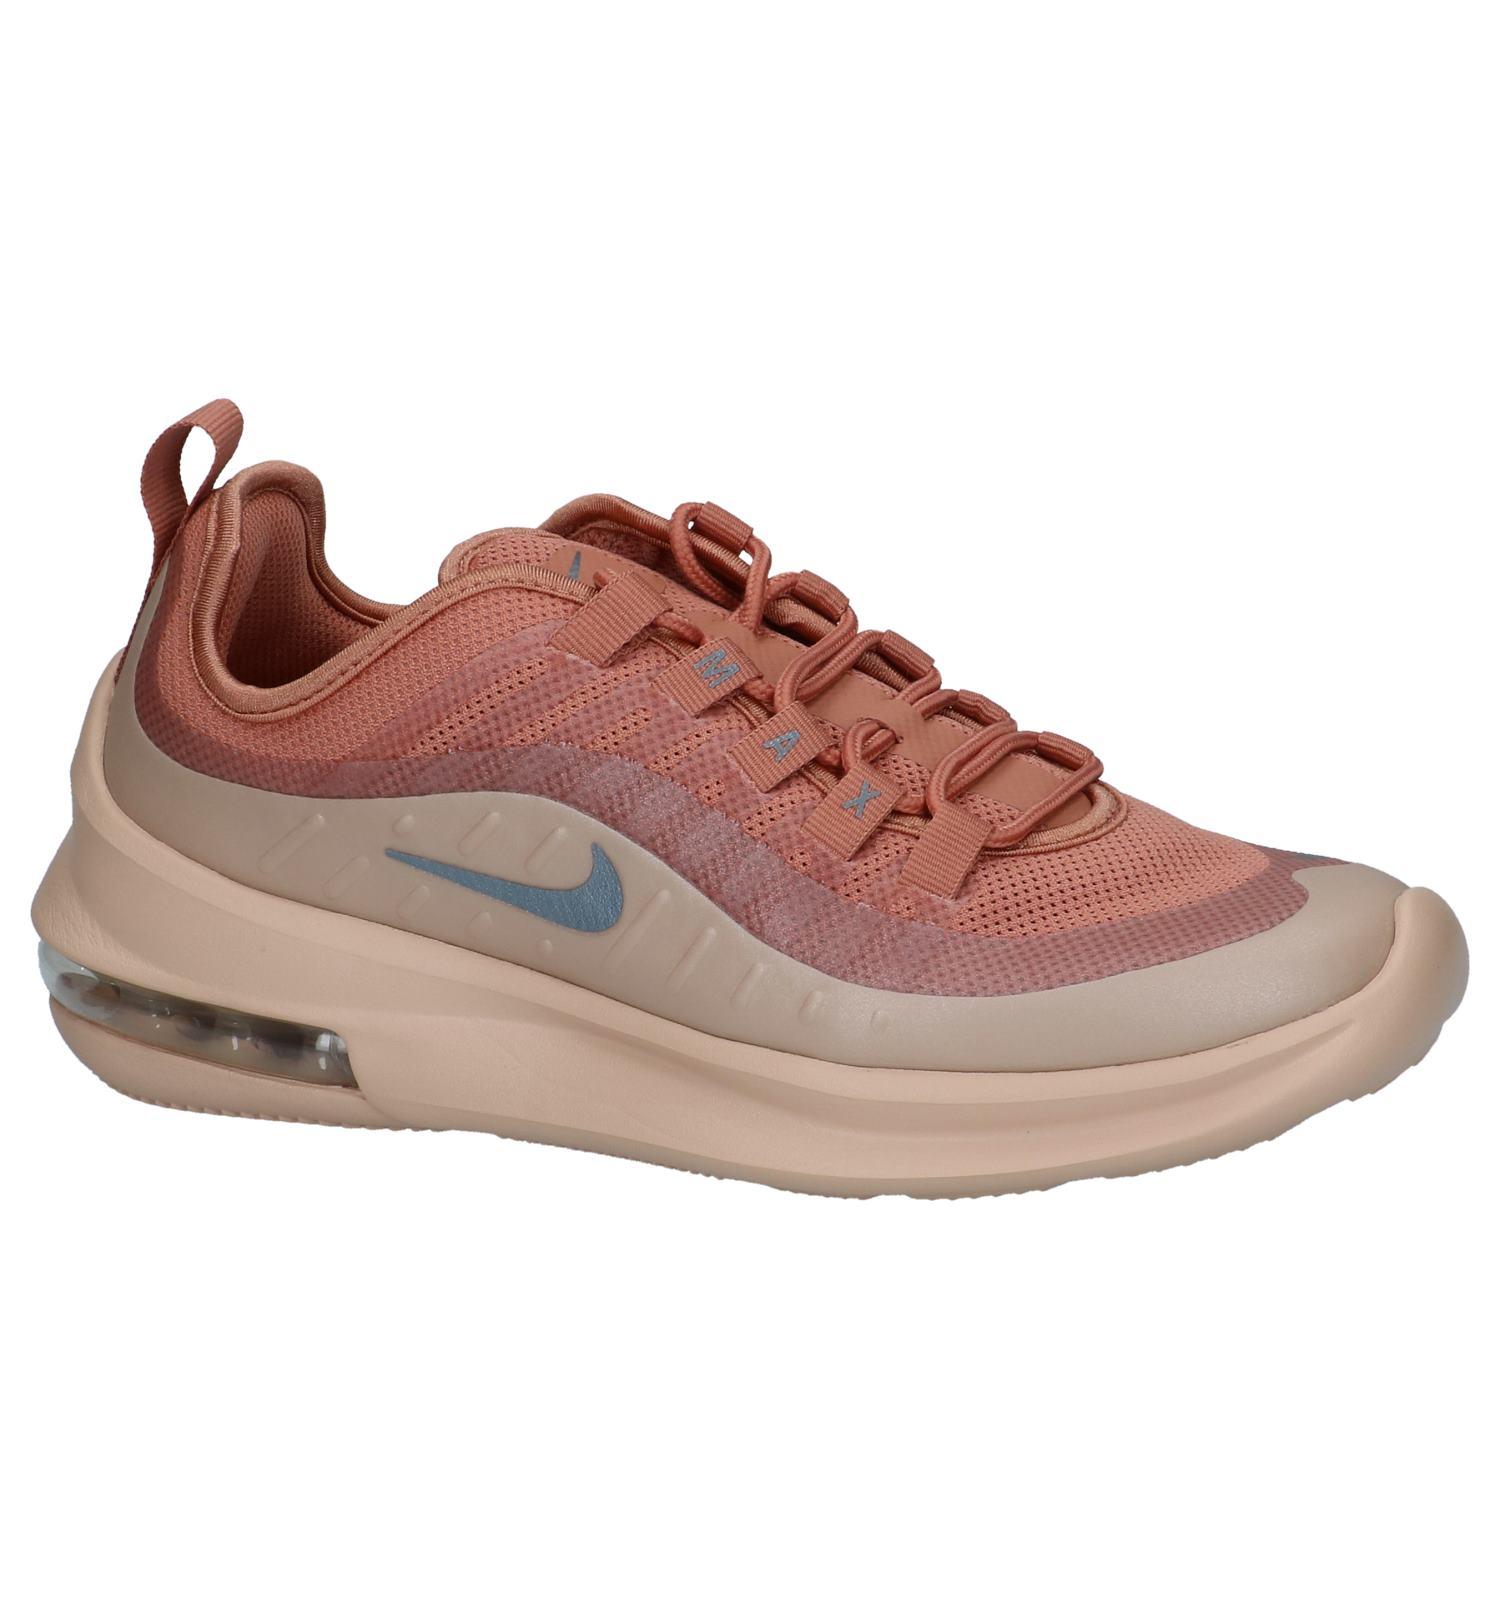 Aanbieding: Donker Roze Runner Sneakers Nike Air Max Axis